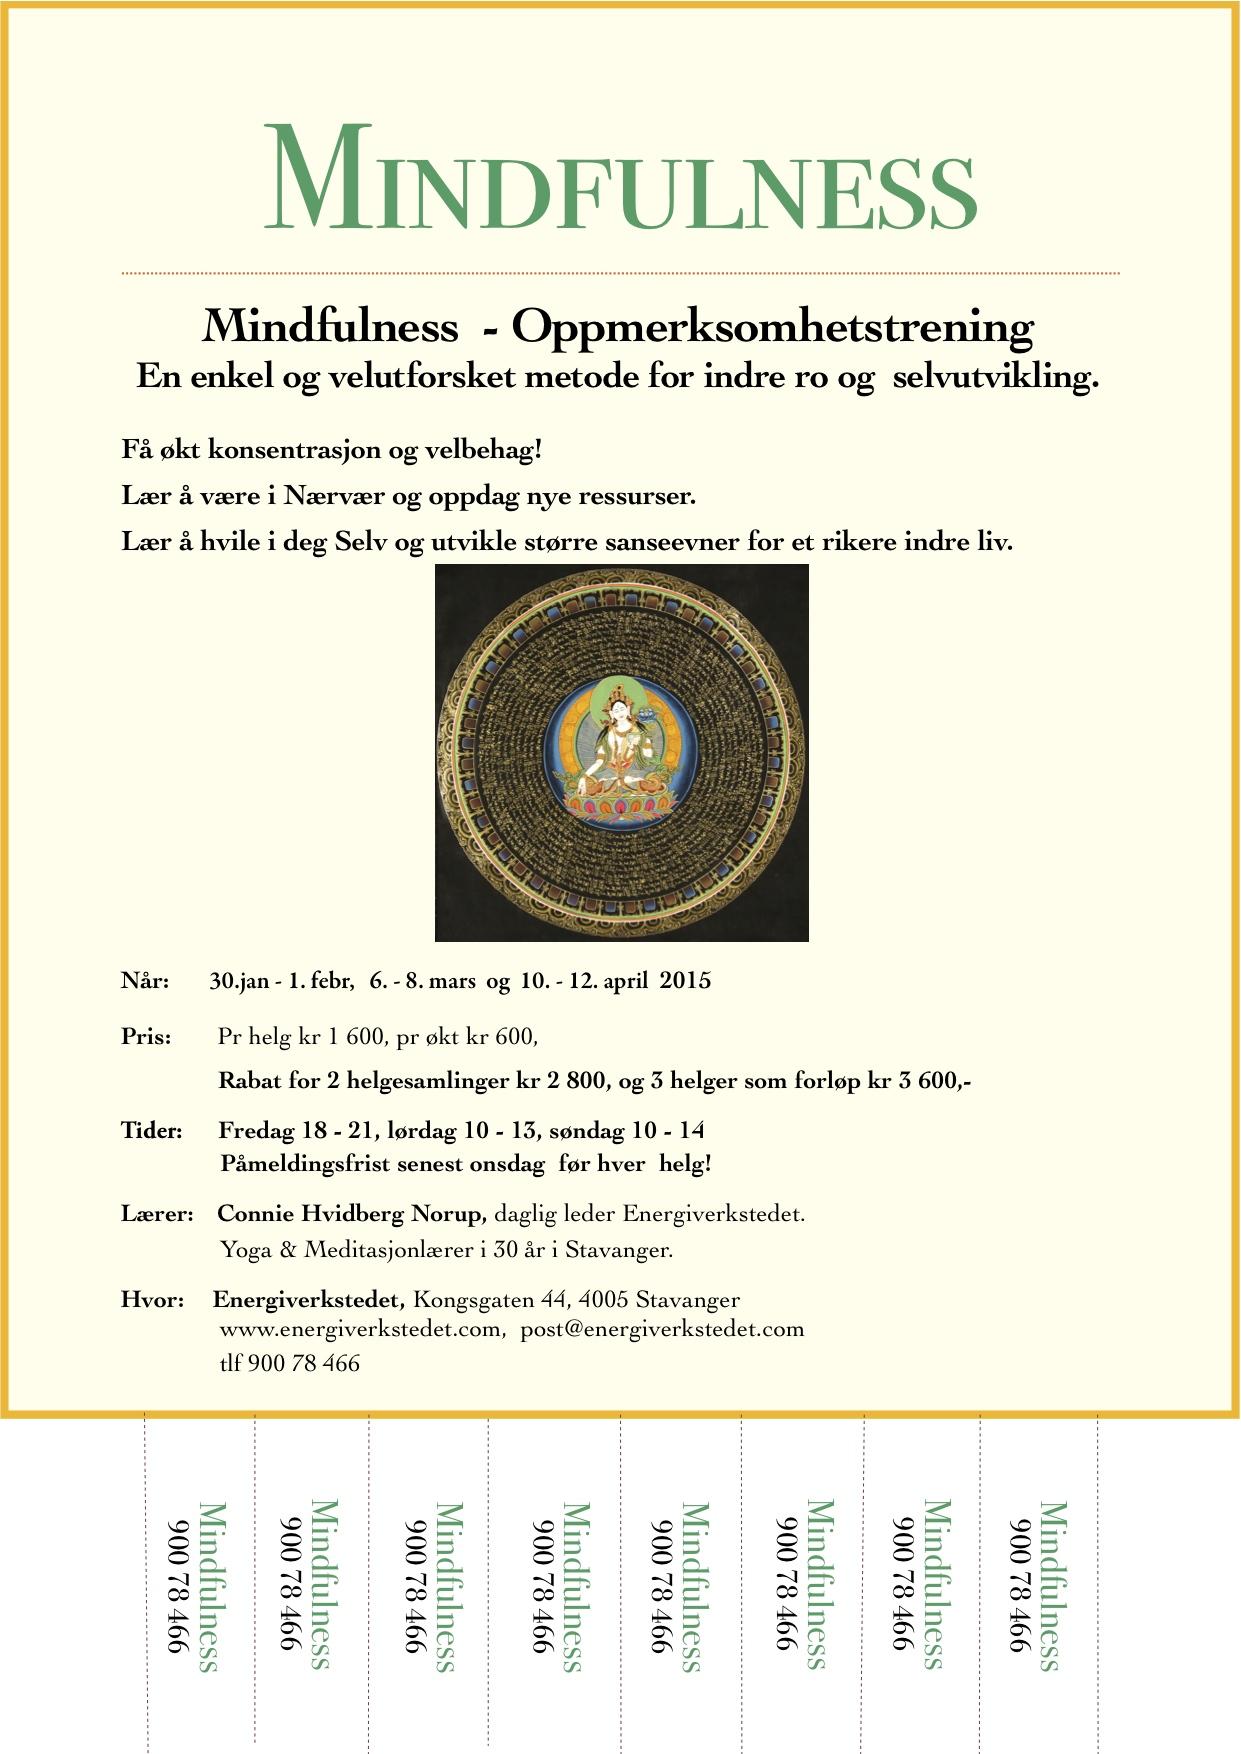 kurs i mindfulness